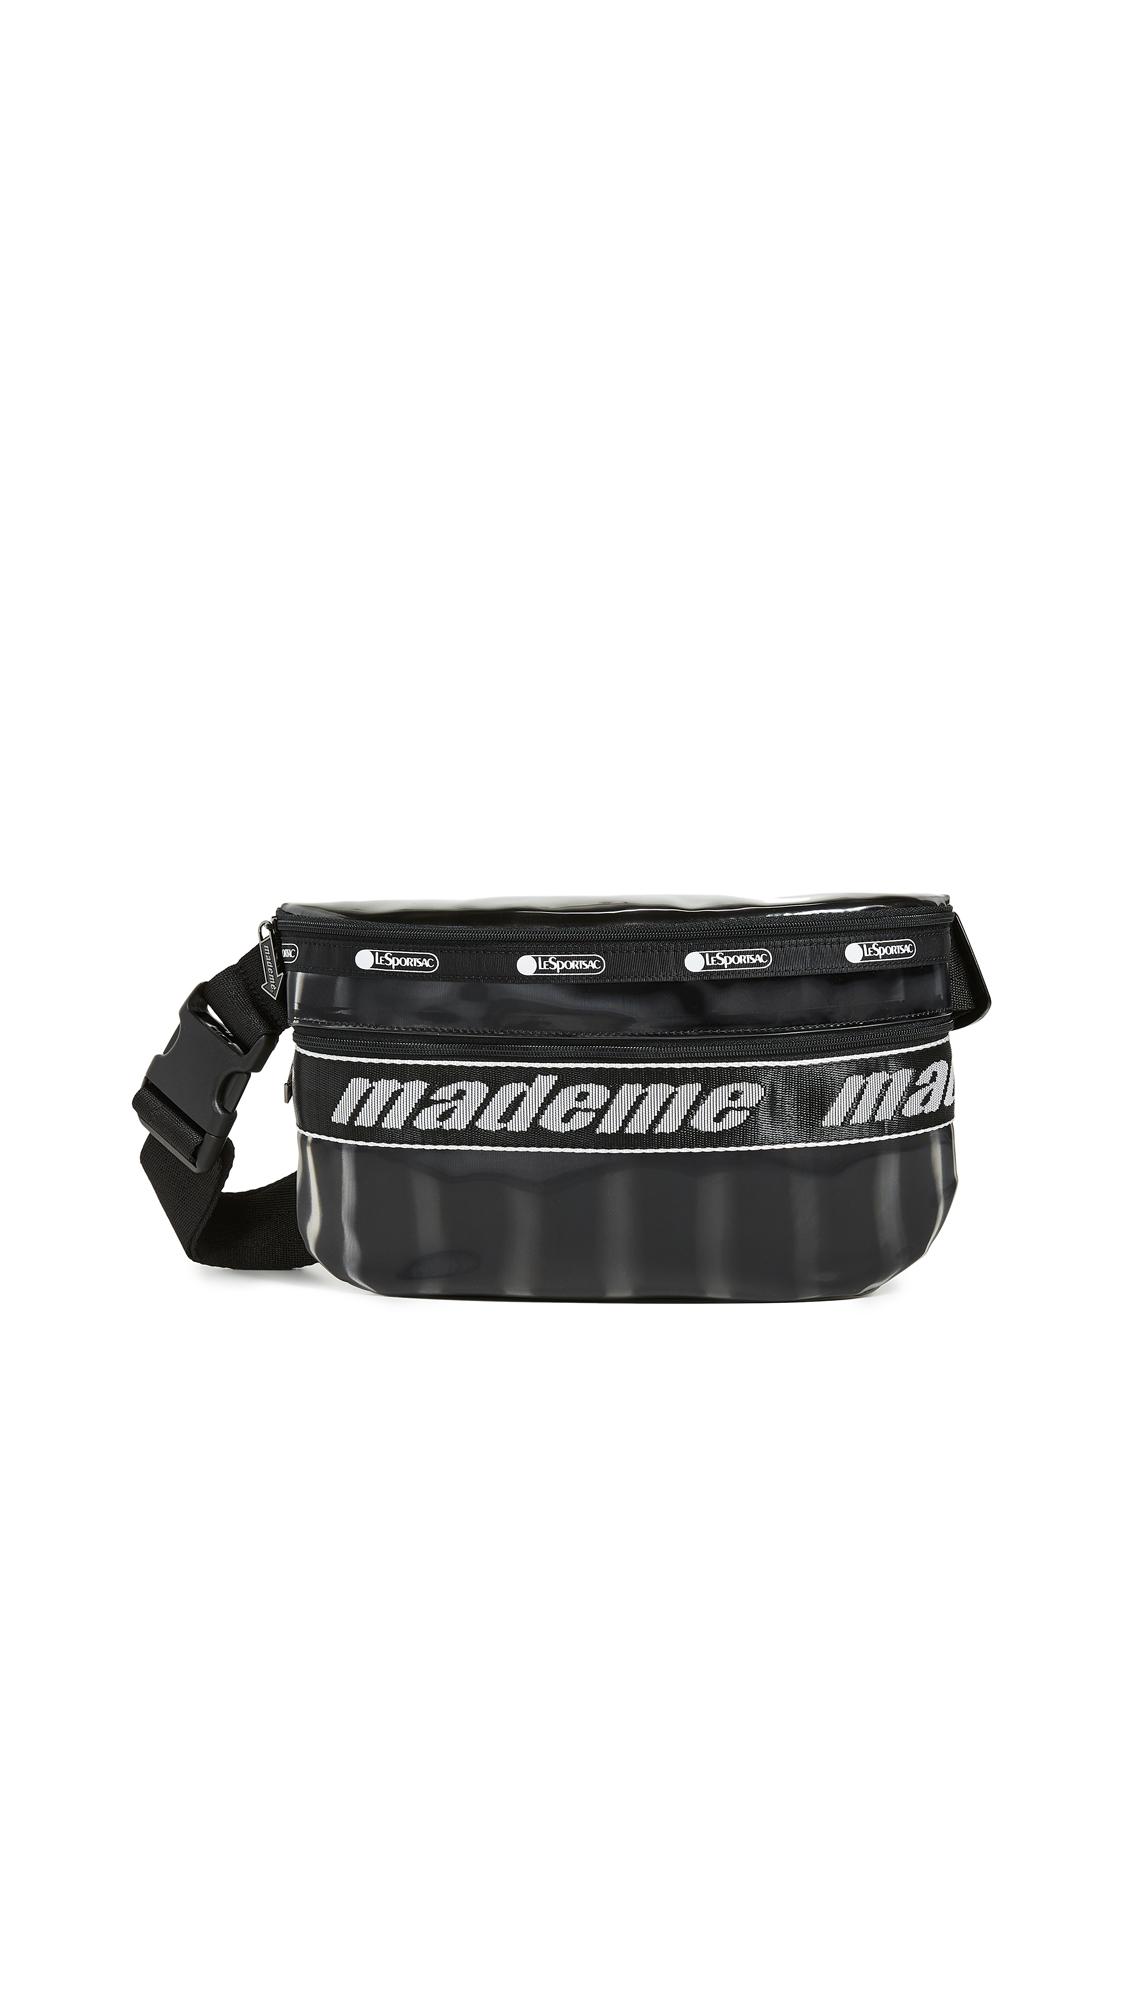 LESPORTSAC X Mademe Belt Bag in Black